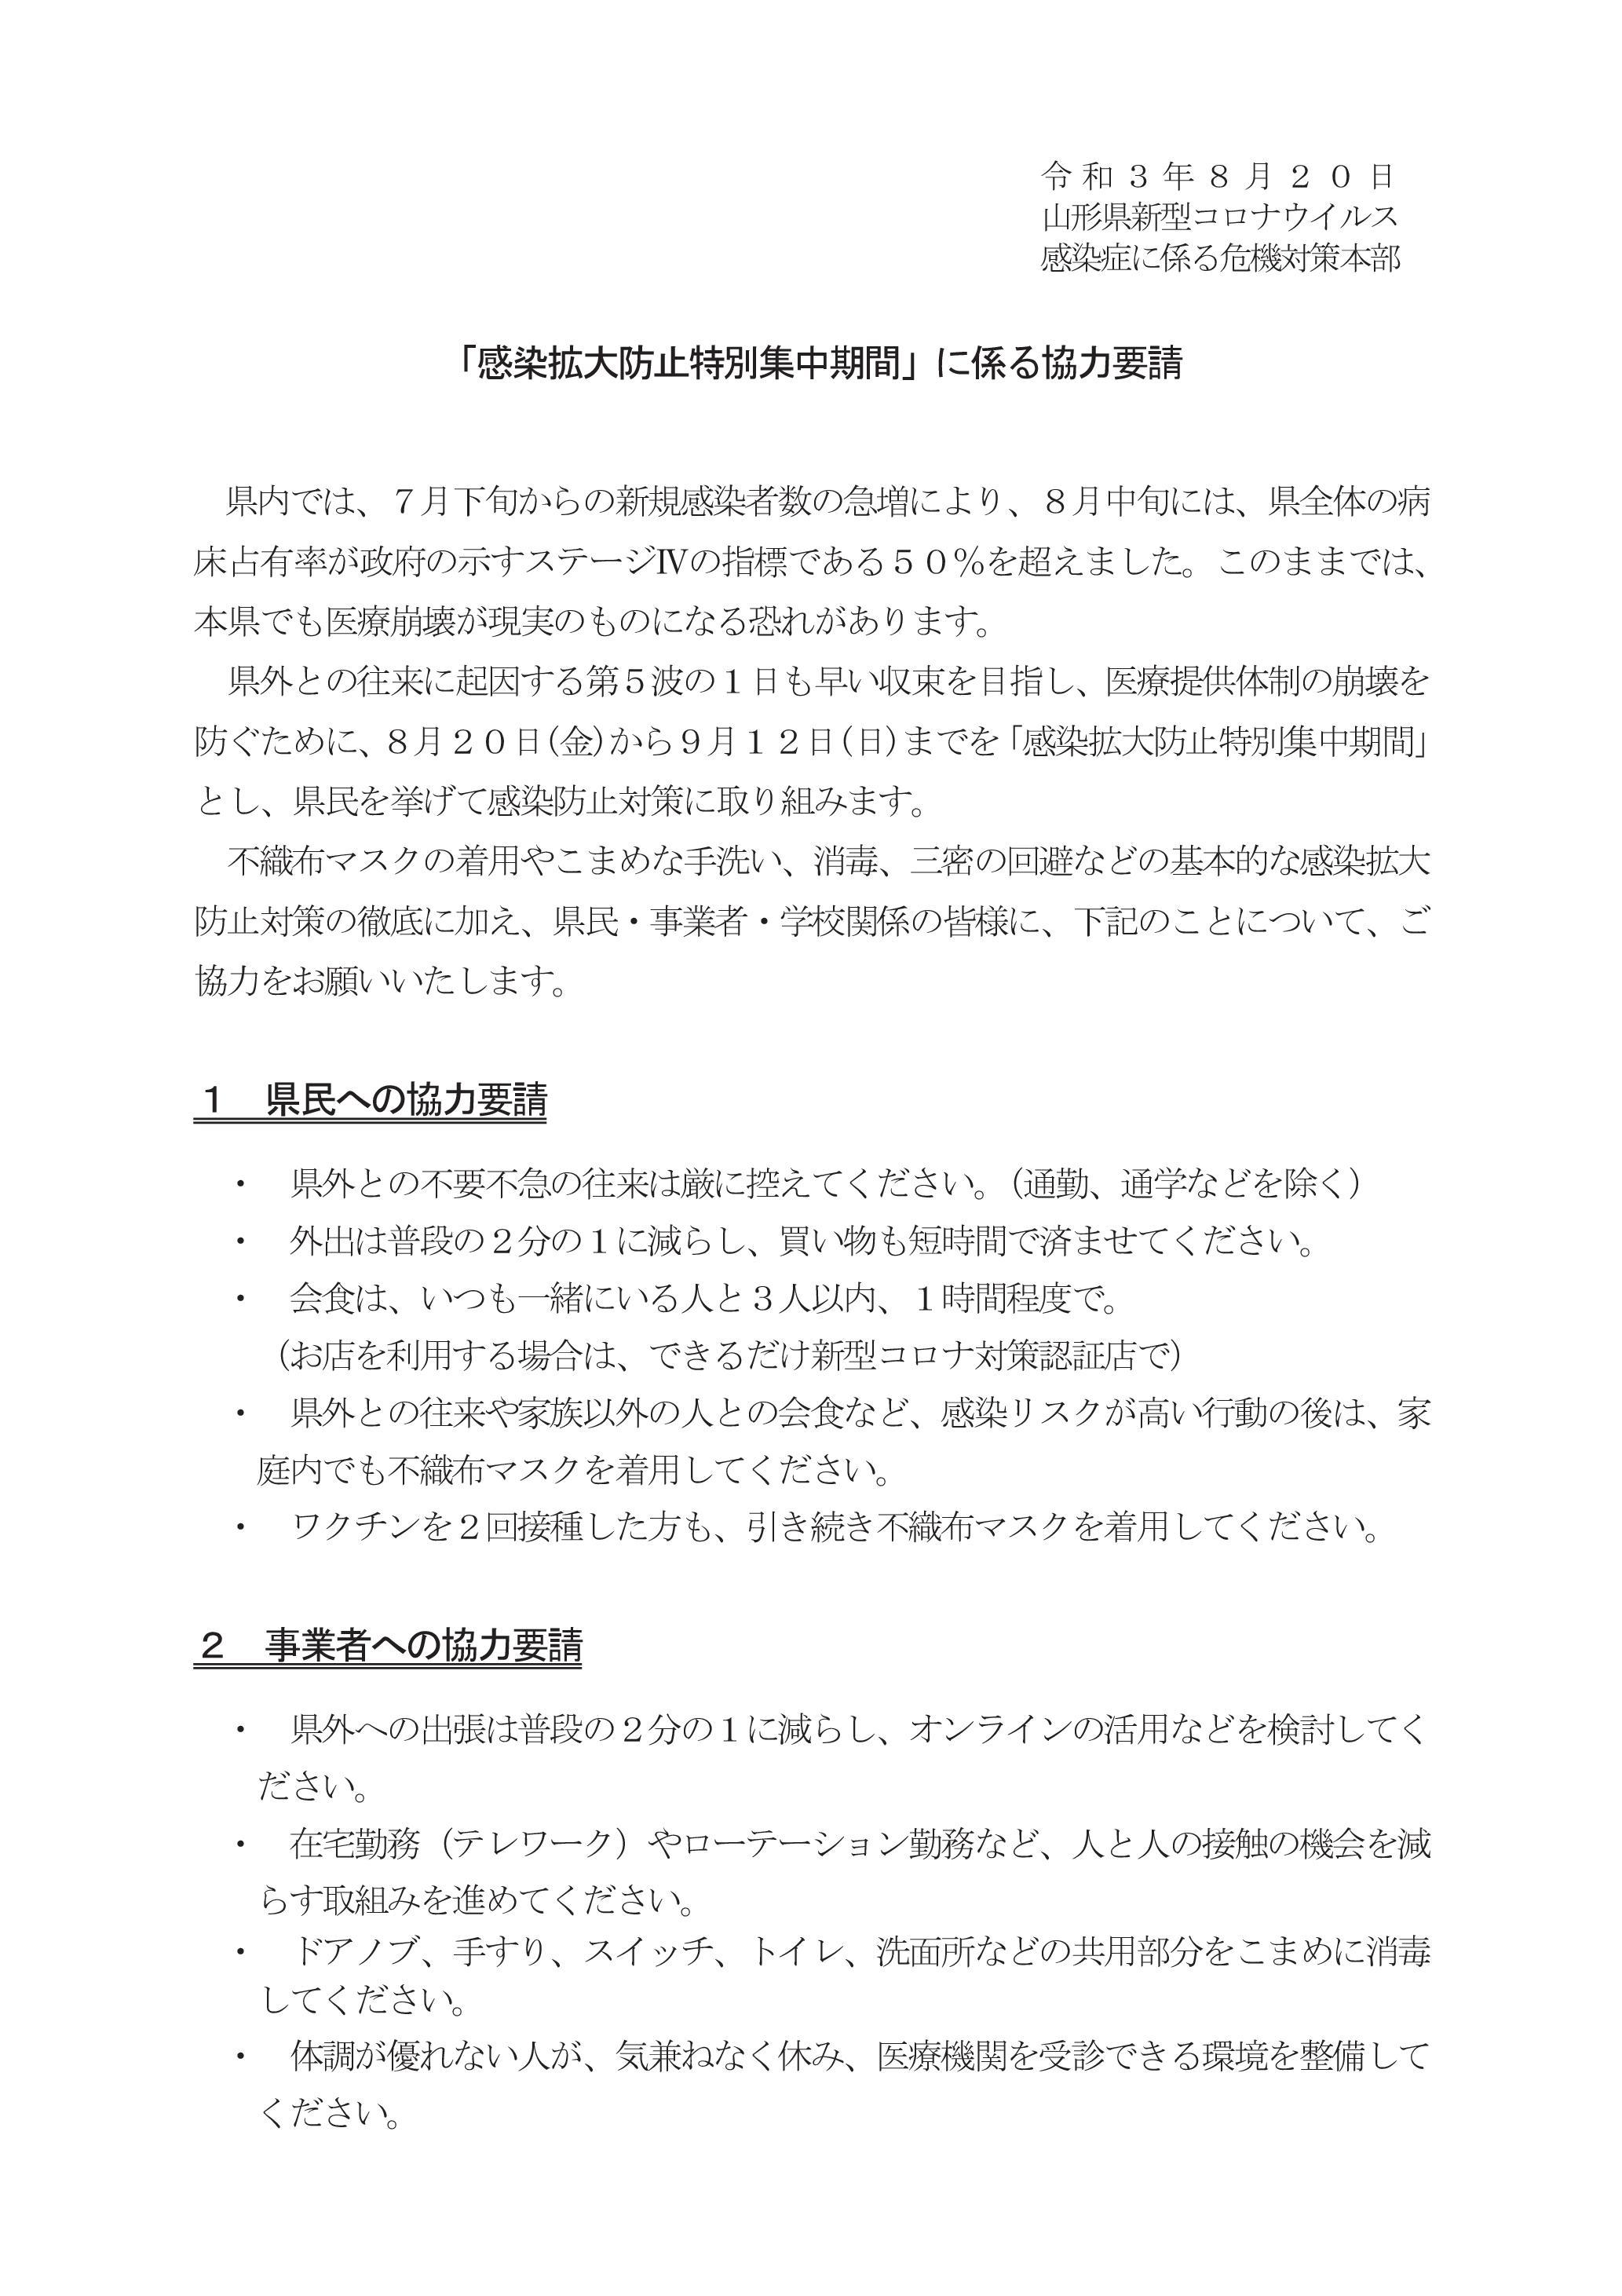 03_協力要請-01.jpg